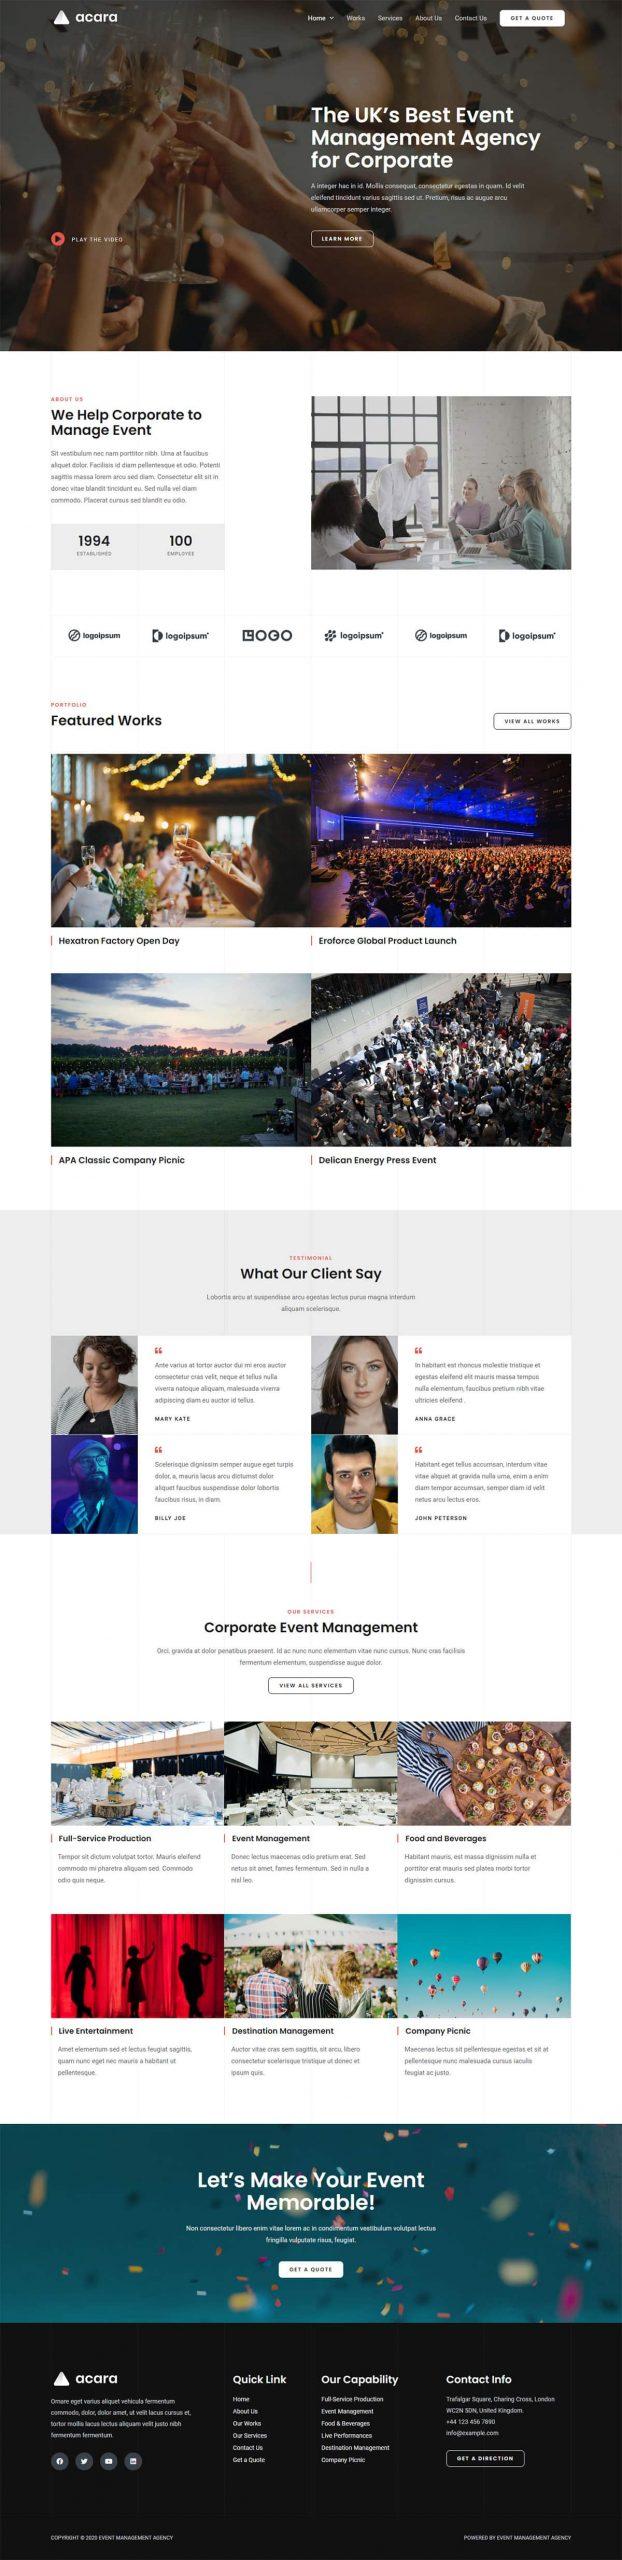 Adamo Web Design | Web Design Durham | event management 02 scaled